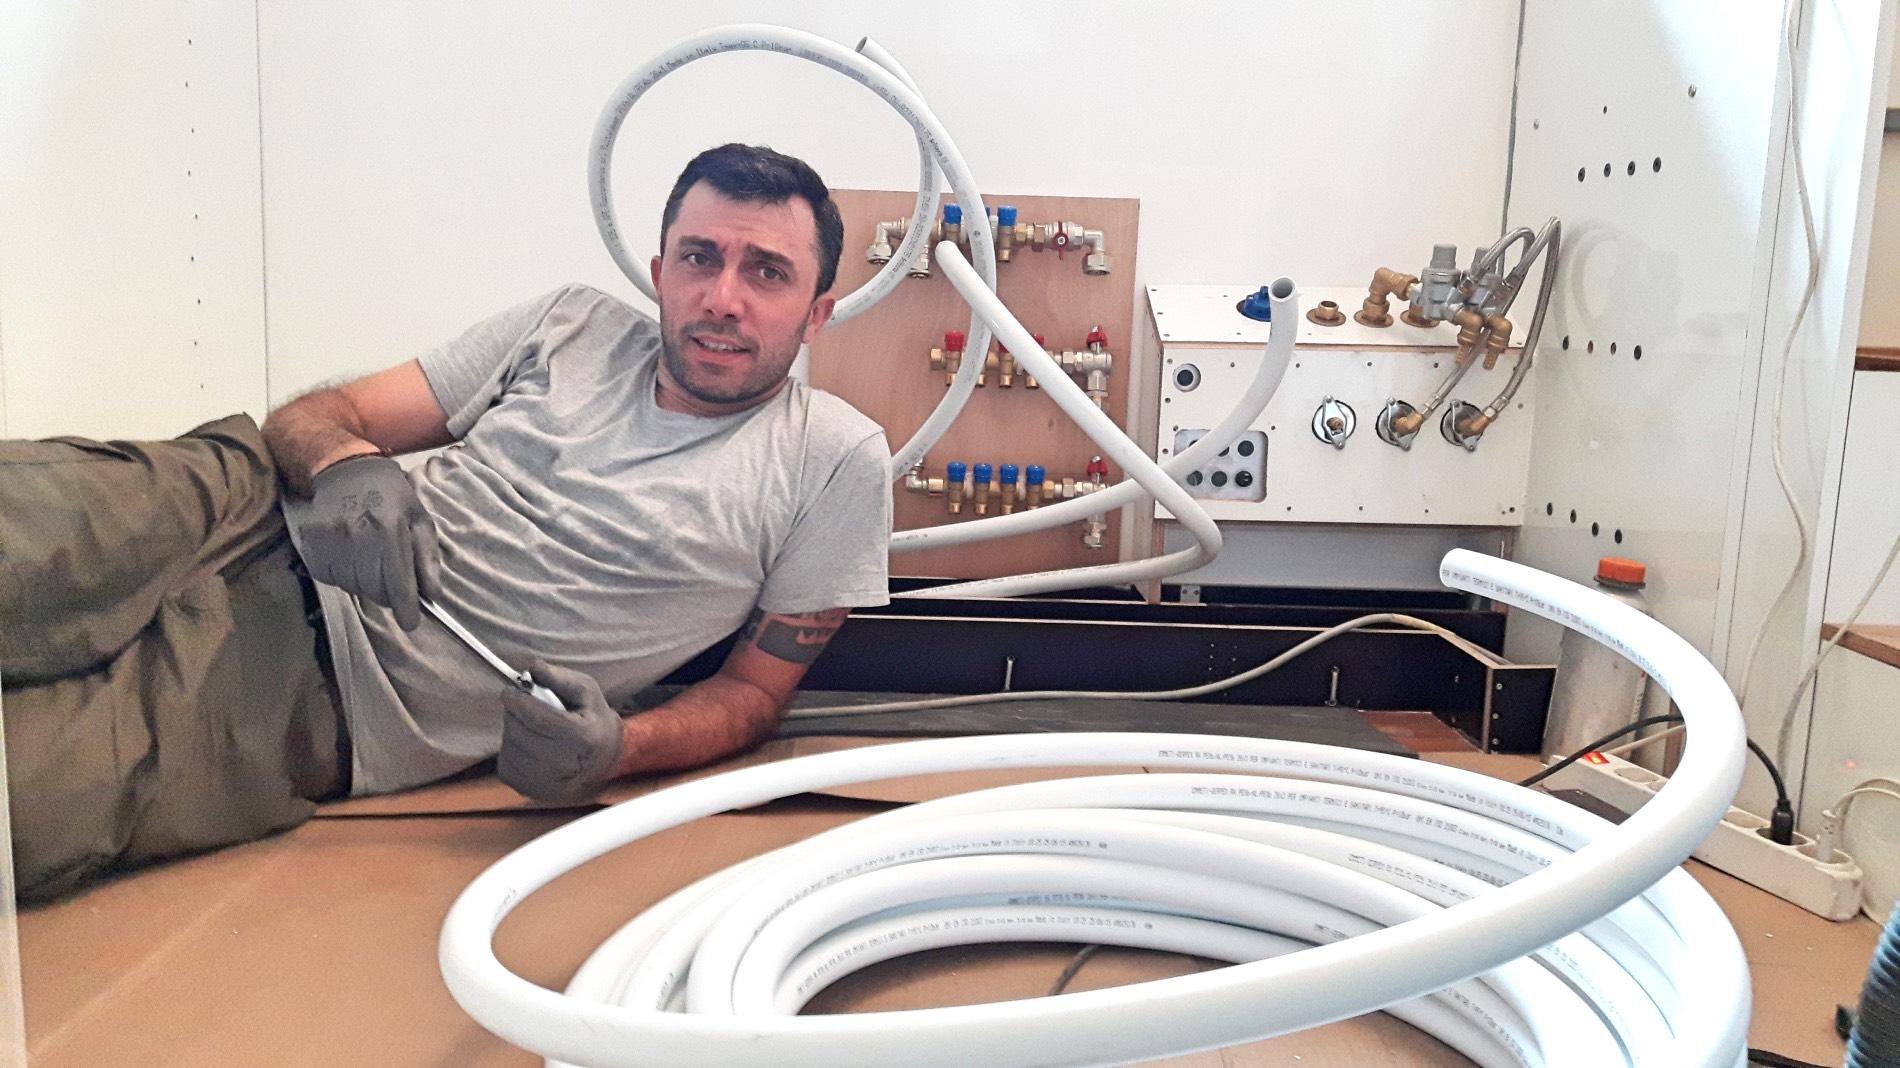 Impianto idraulico stepsover for Quali tubi utilizzare per l impianto idraulico